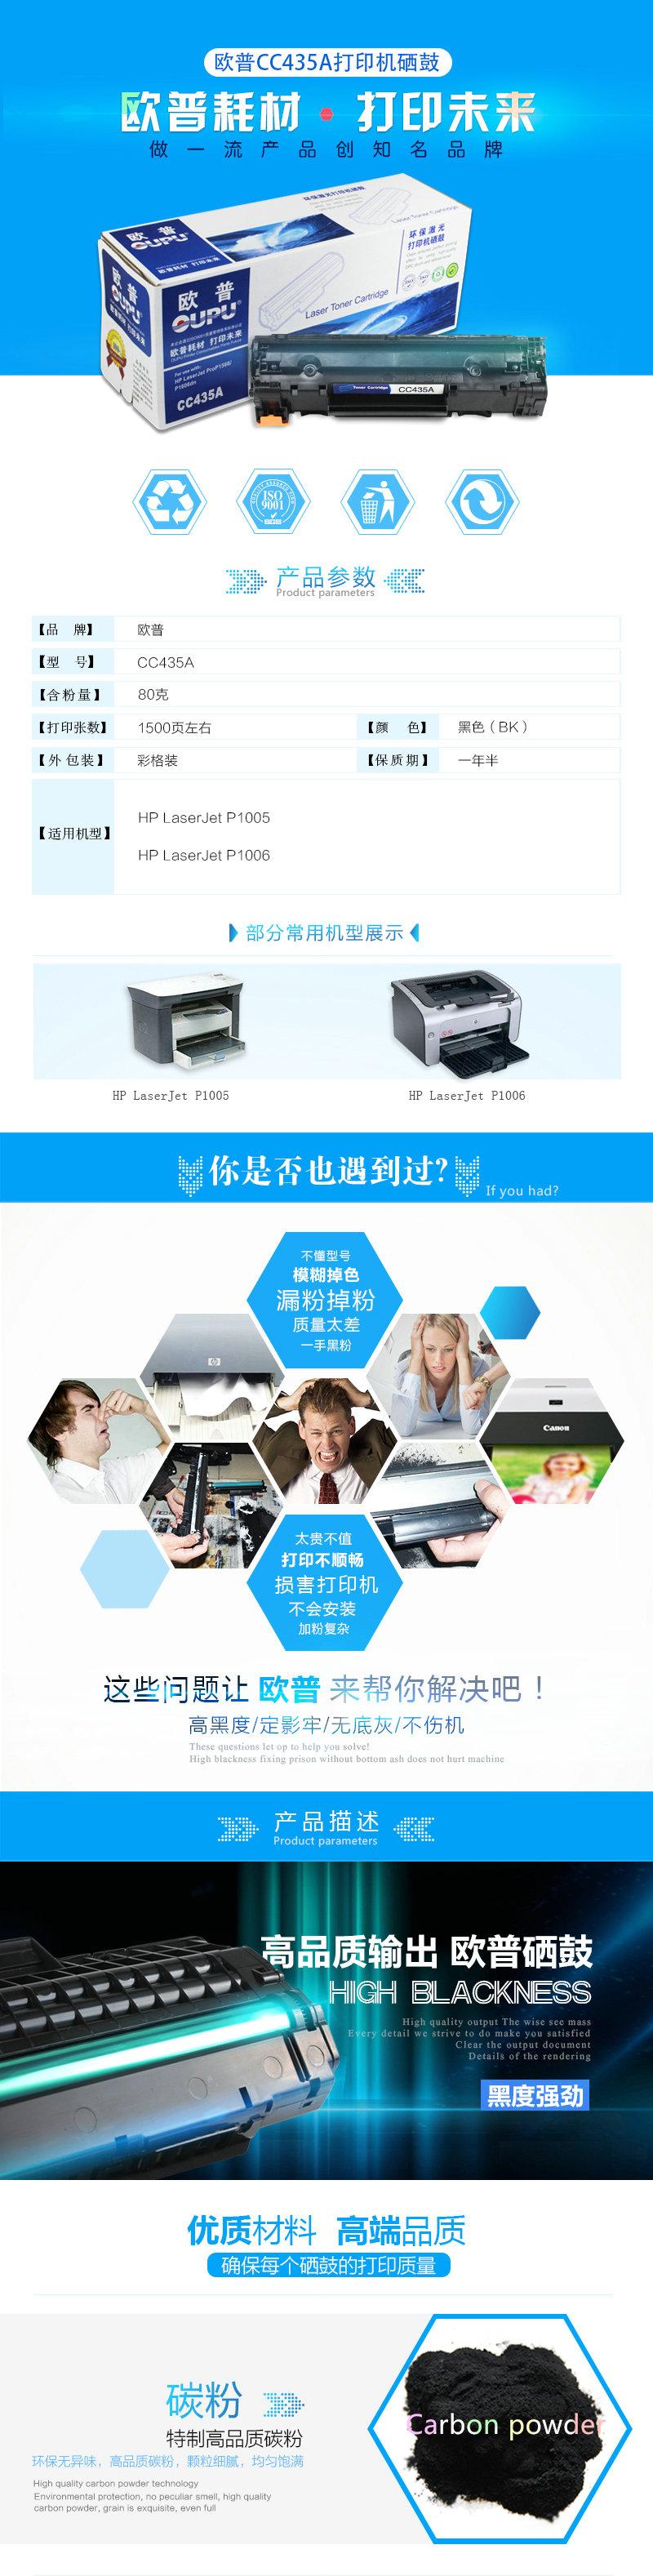 欧普CC435A打印机硒鼓普通